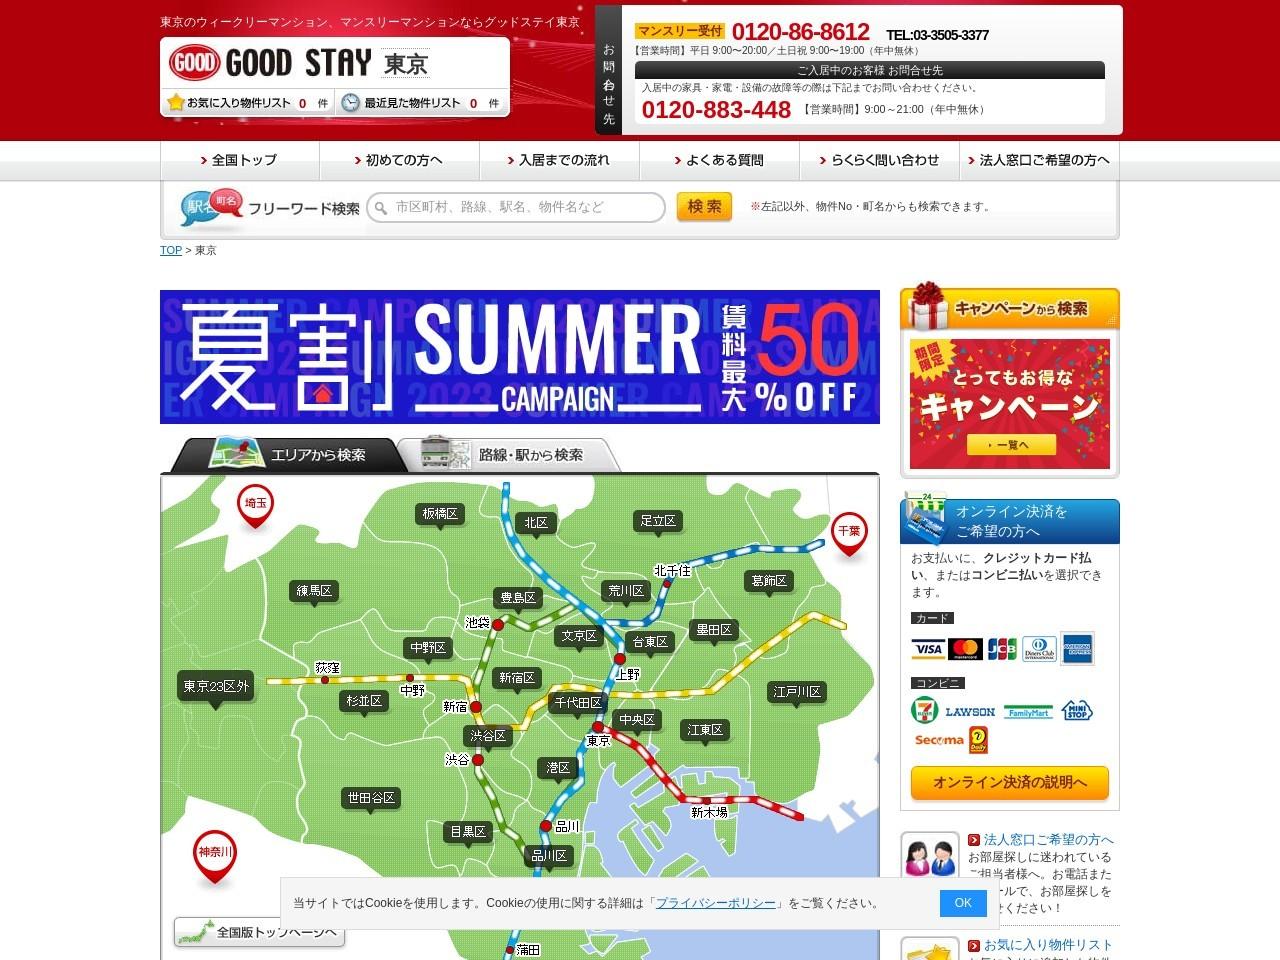 グッド・ステイネット東京